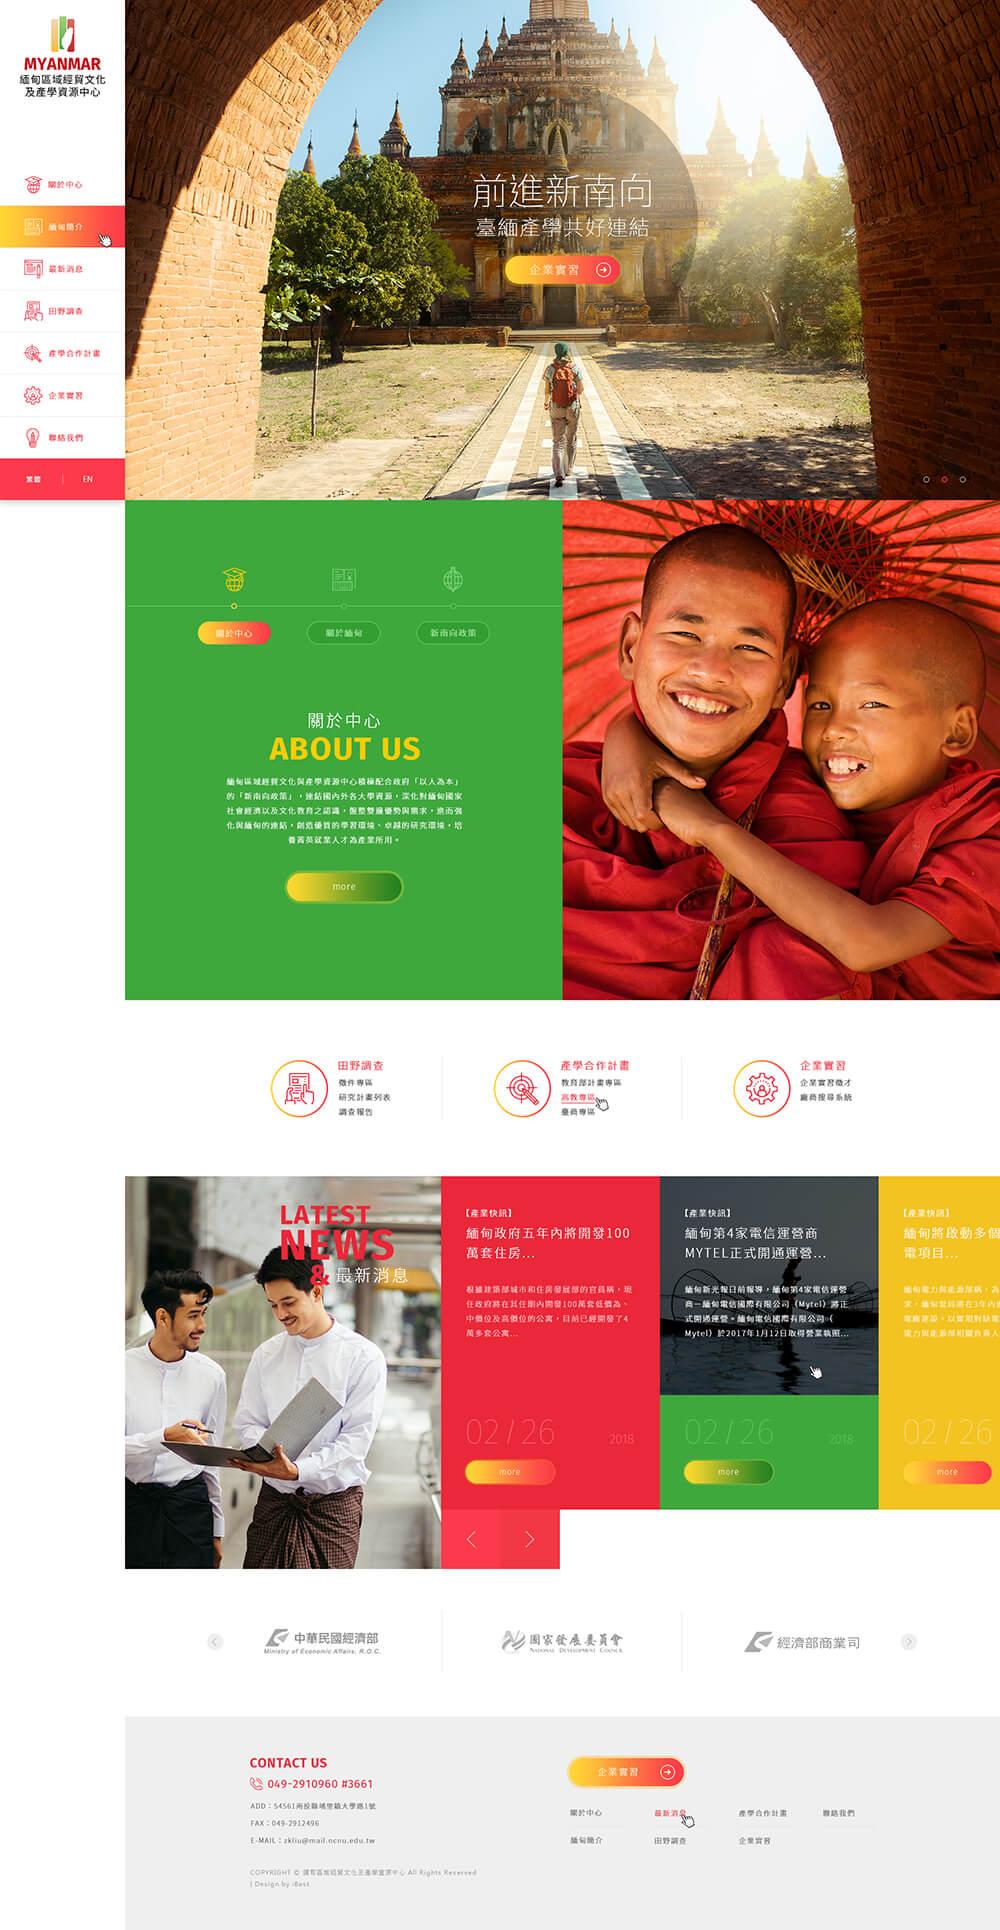 緬甸區域經貿文化及產學資源中心-網頁設計